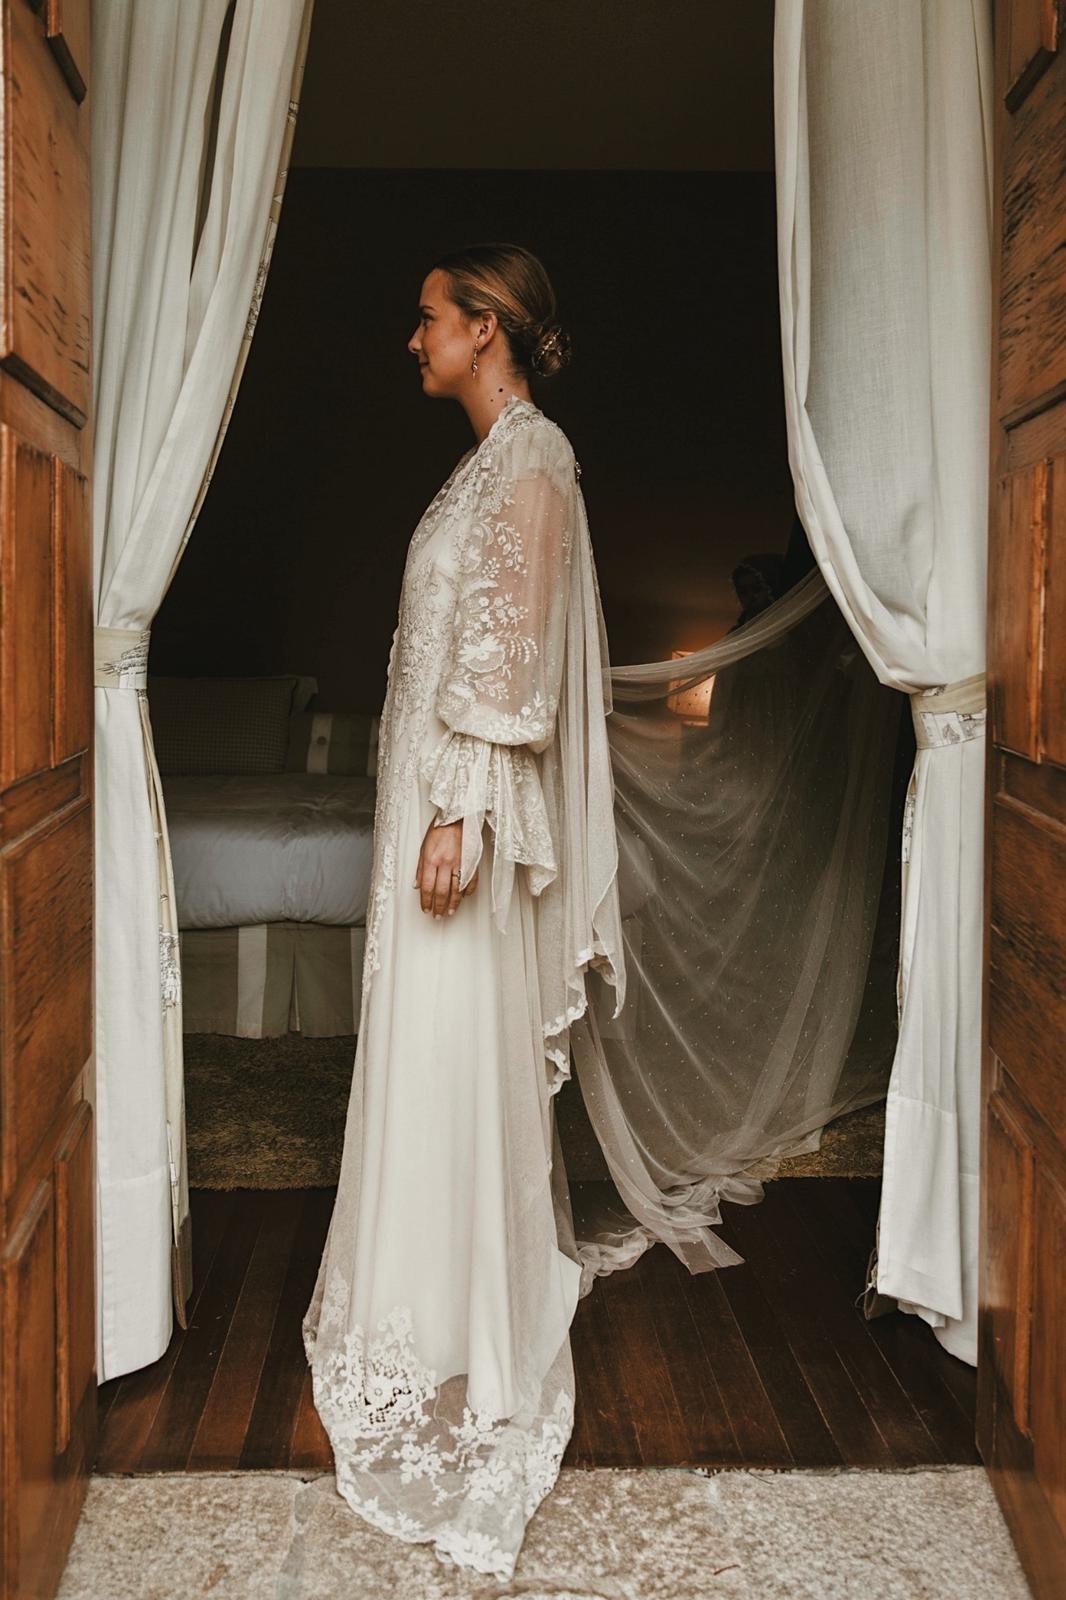 La fotógrafa Pipi Hormaechea el día de su boda.